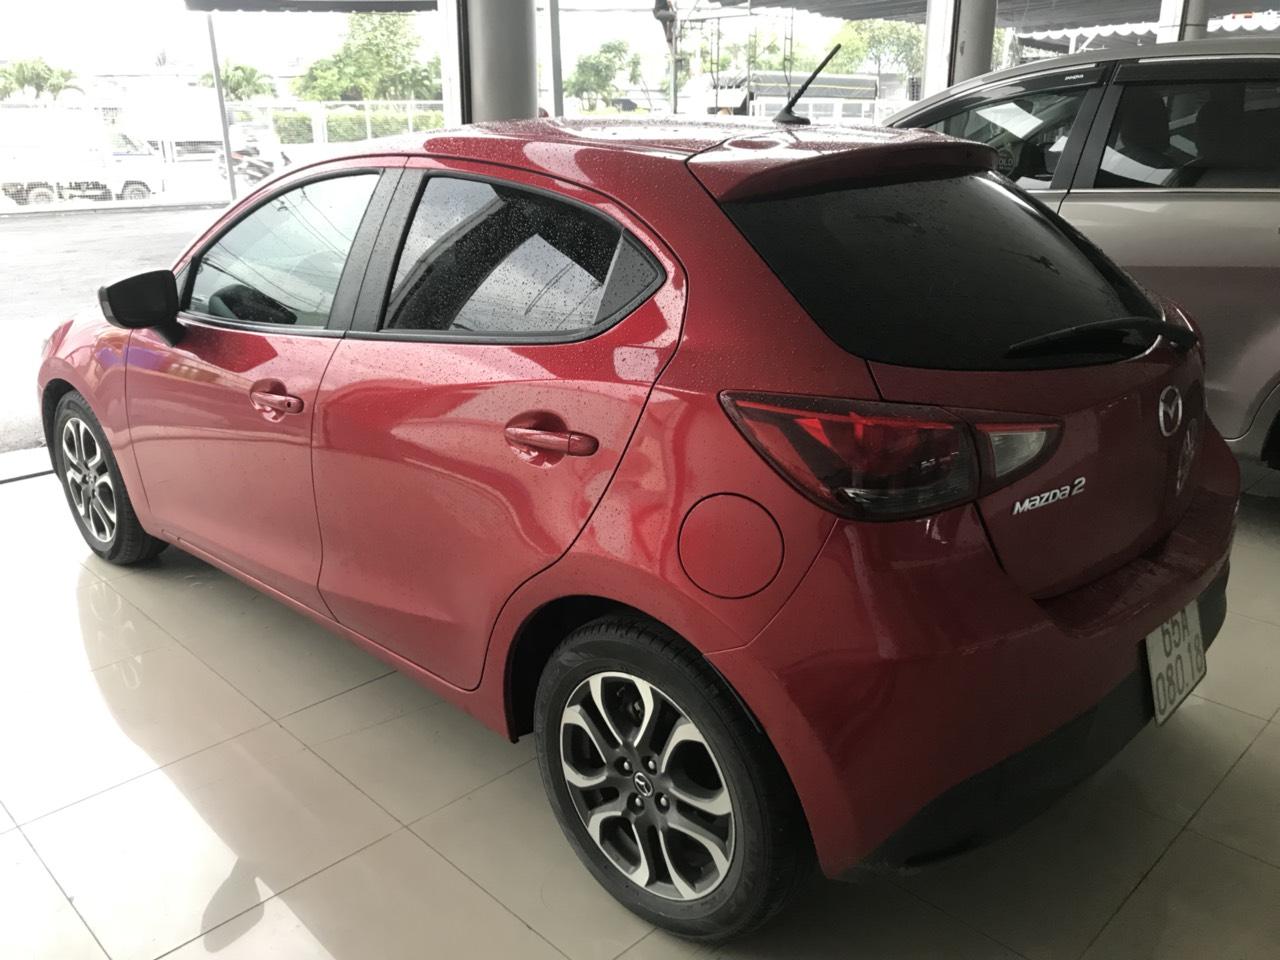 Bán Mazda 2 HB 1.5AT màu đỏ số tự động sản xuất 2016 một chủ bản 5 cửa cao cấp đi 32000km